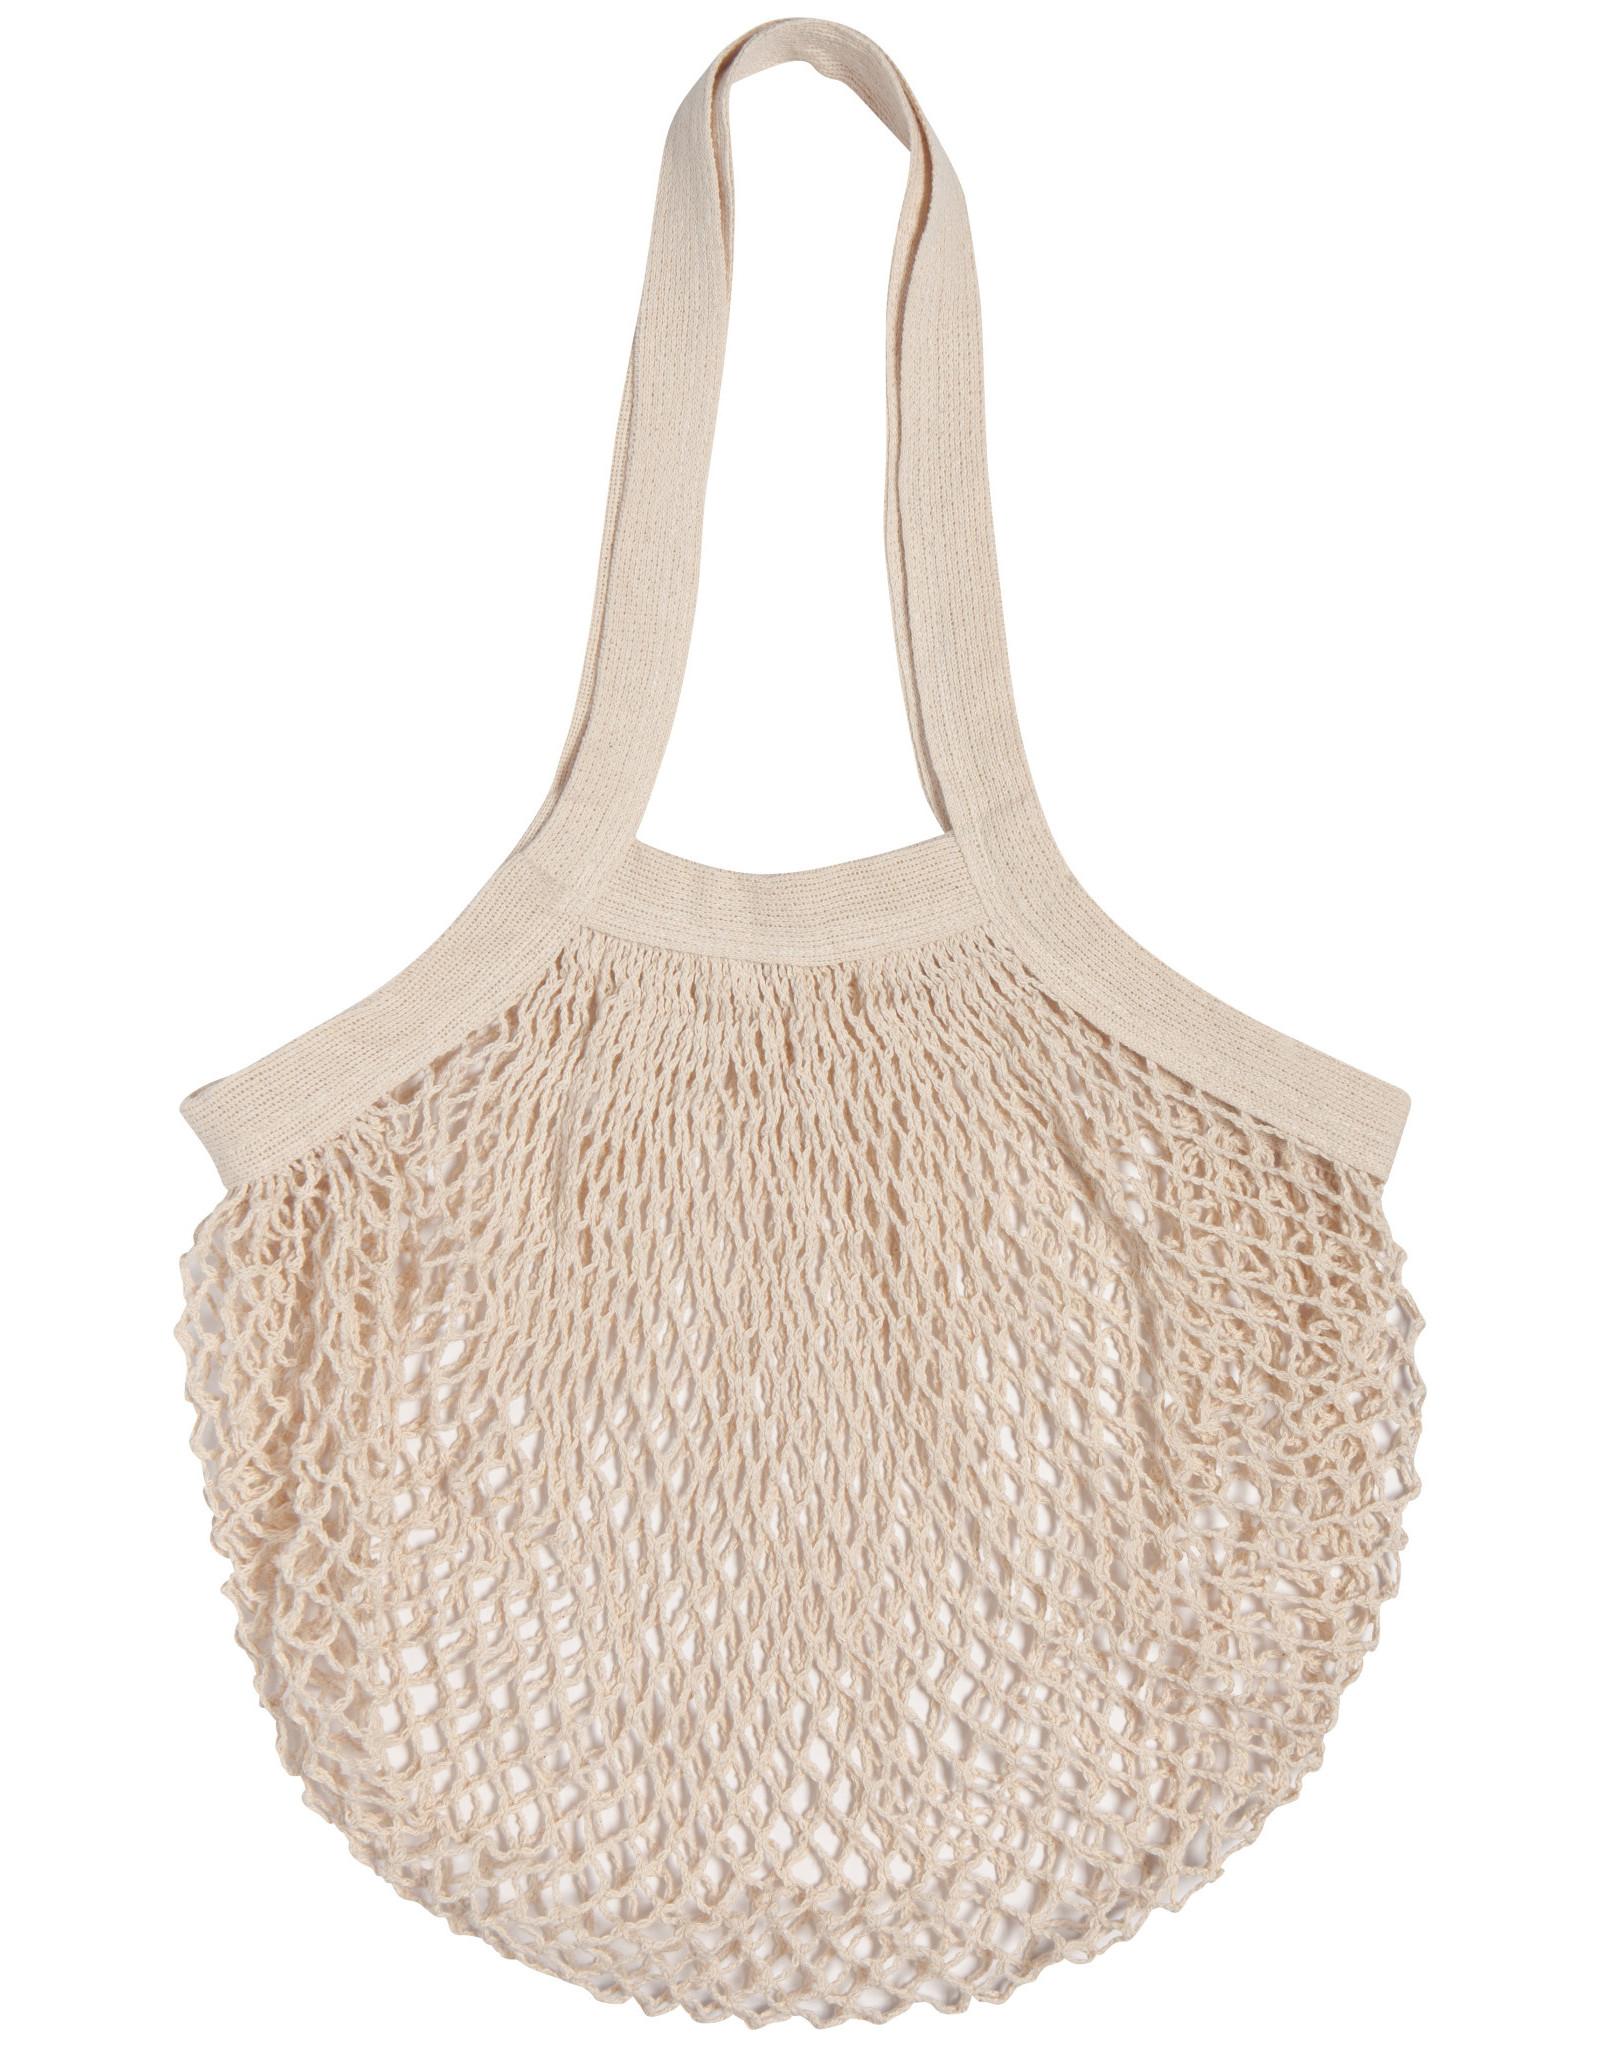 Danica Danica - Le Marche Shopping Bag